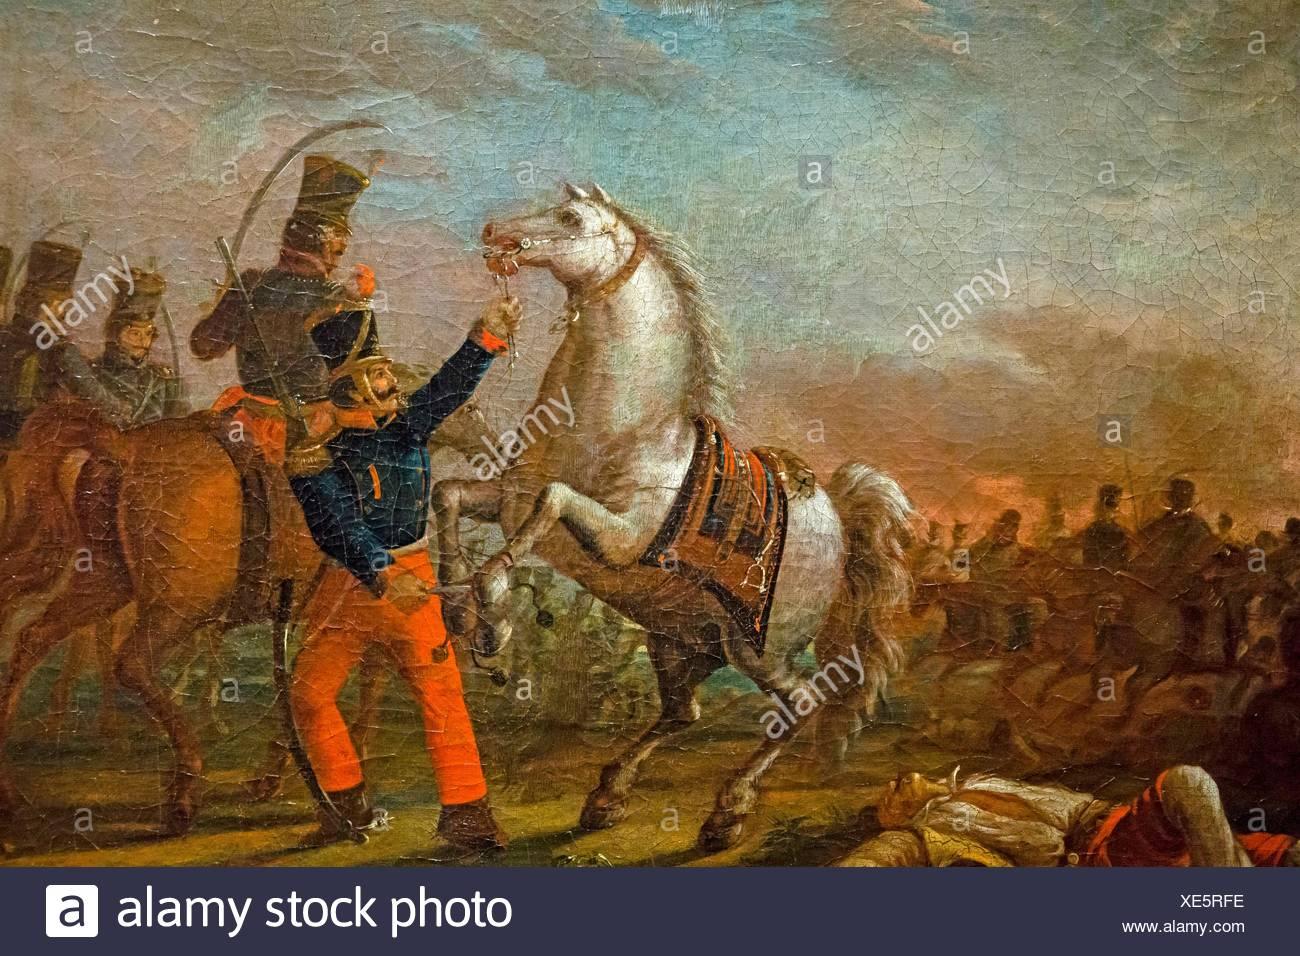 Carlos Morel, Carga de caballeria (Federal army cavalry charge), 1829, oil on canvas, Museo Nacional de Bellas Artes (MNBA), Buenos Aires, Argentina - Stock Image